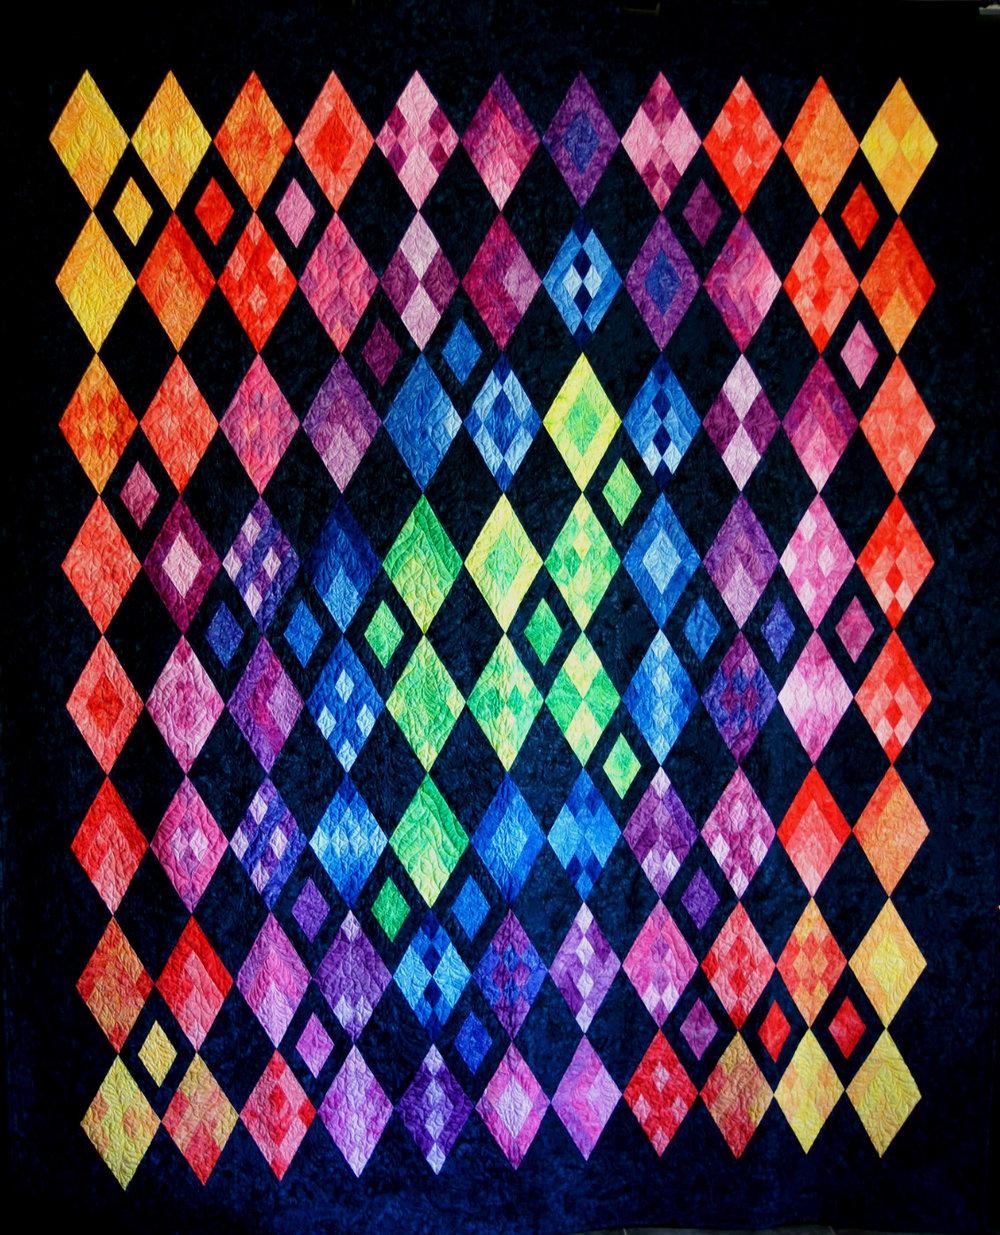 DSC02457 Edited full quilt.jpg